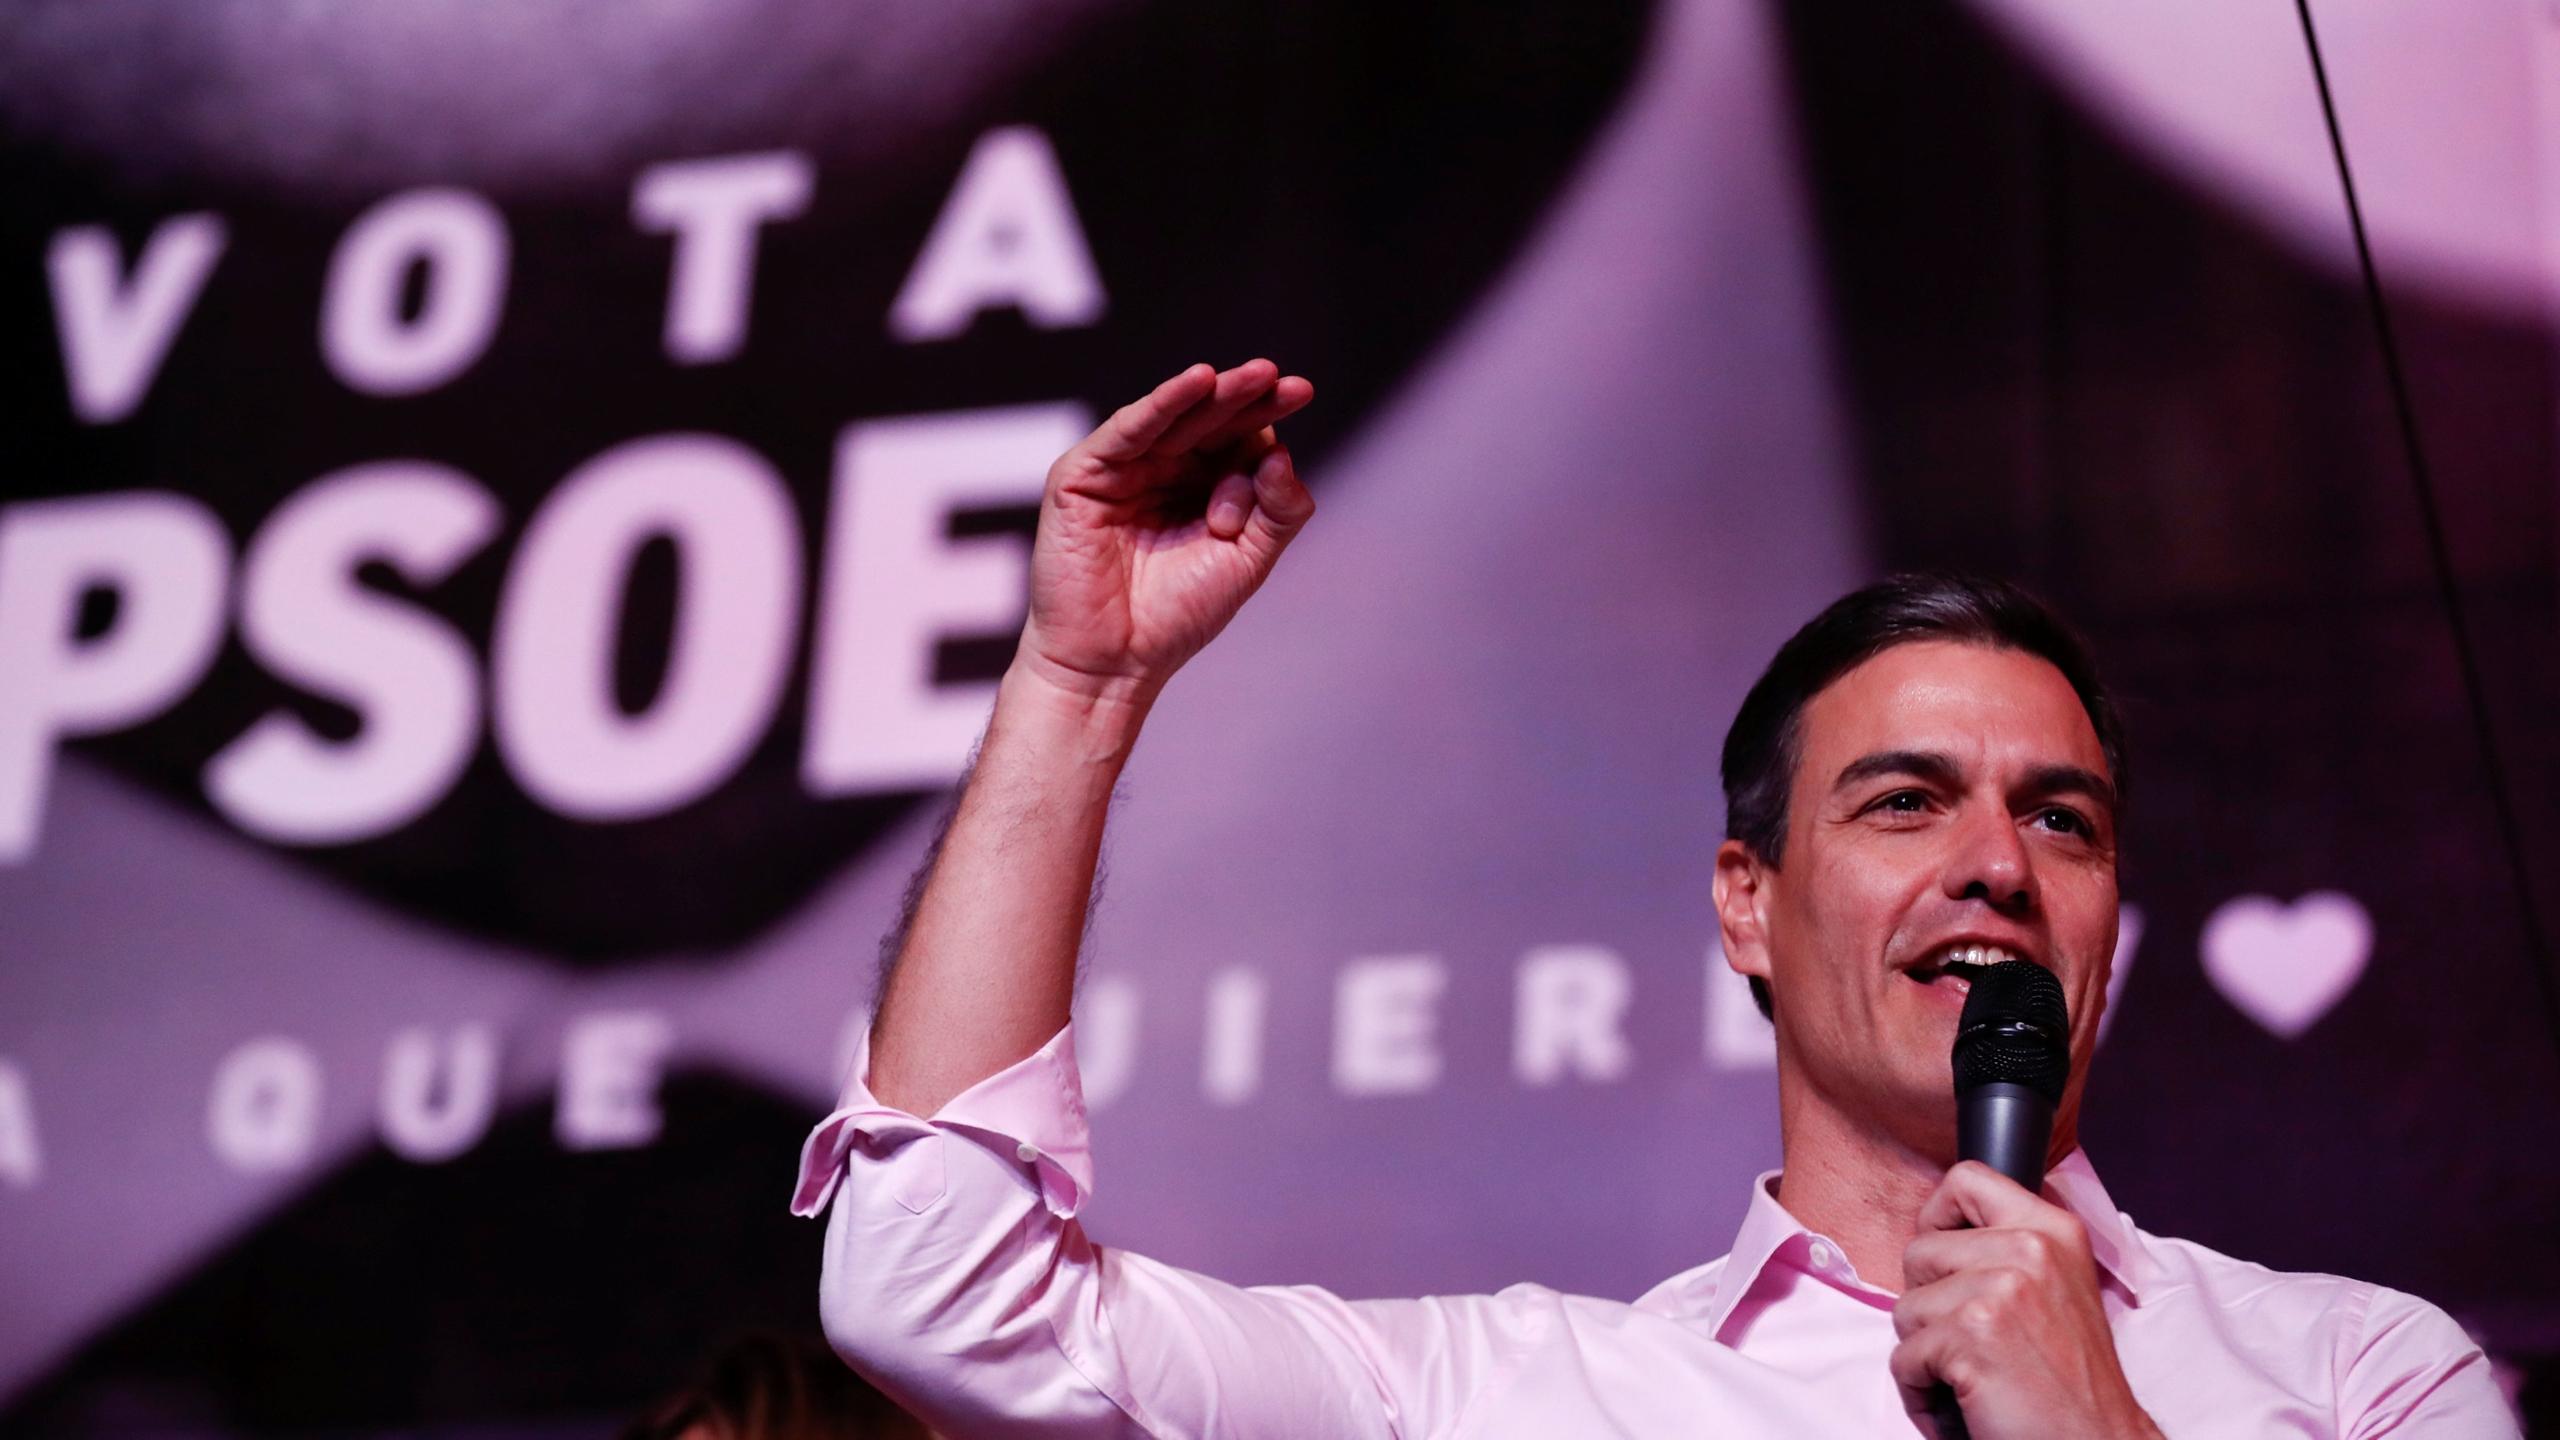 Tras triunfo electoral, PSOE intentará gobernar España sin alianzas